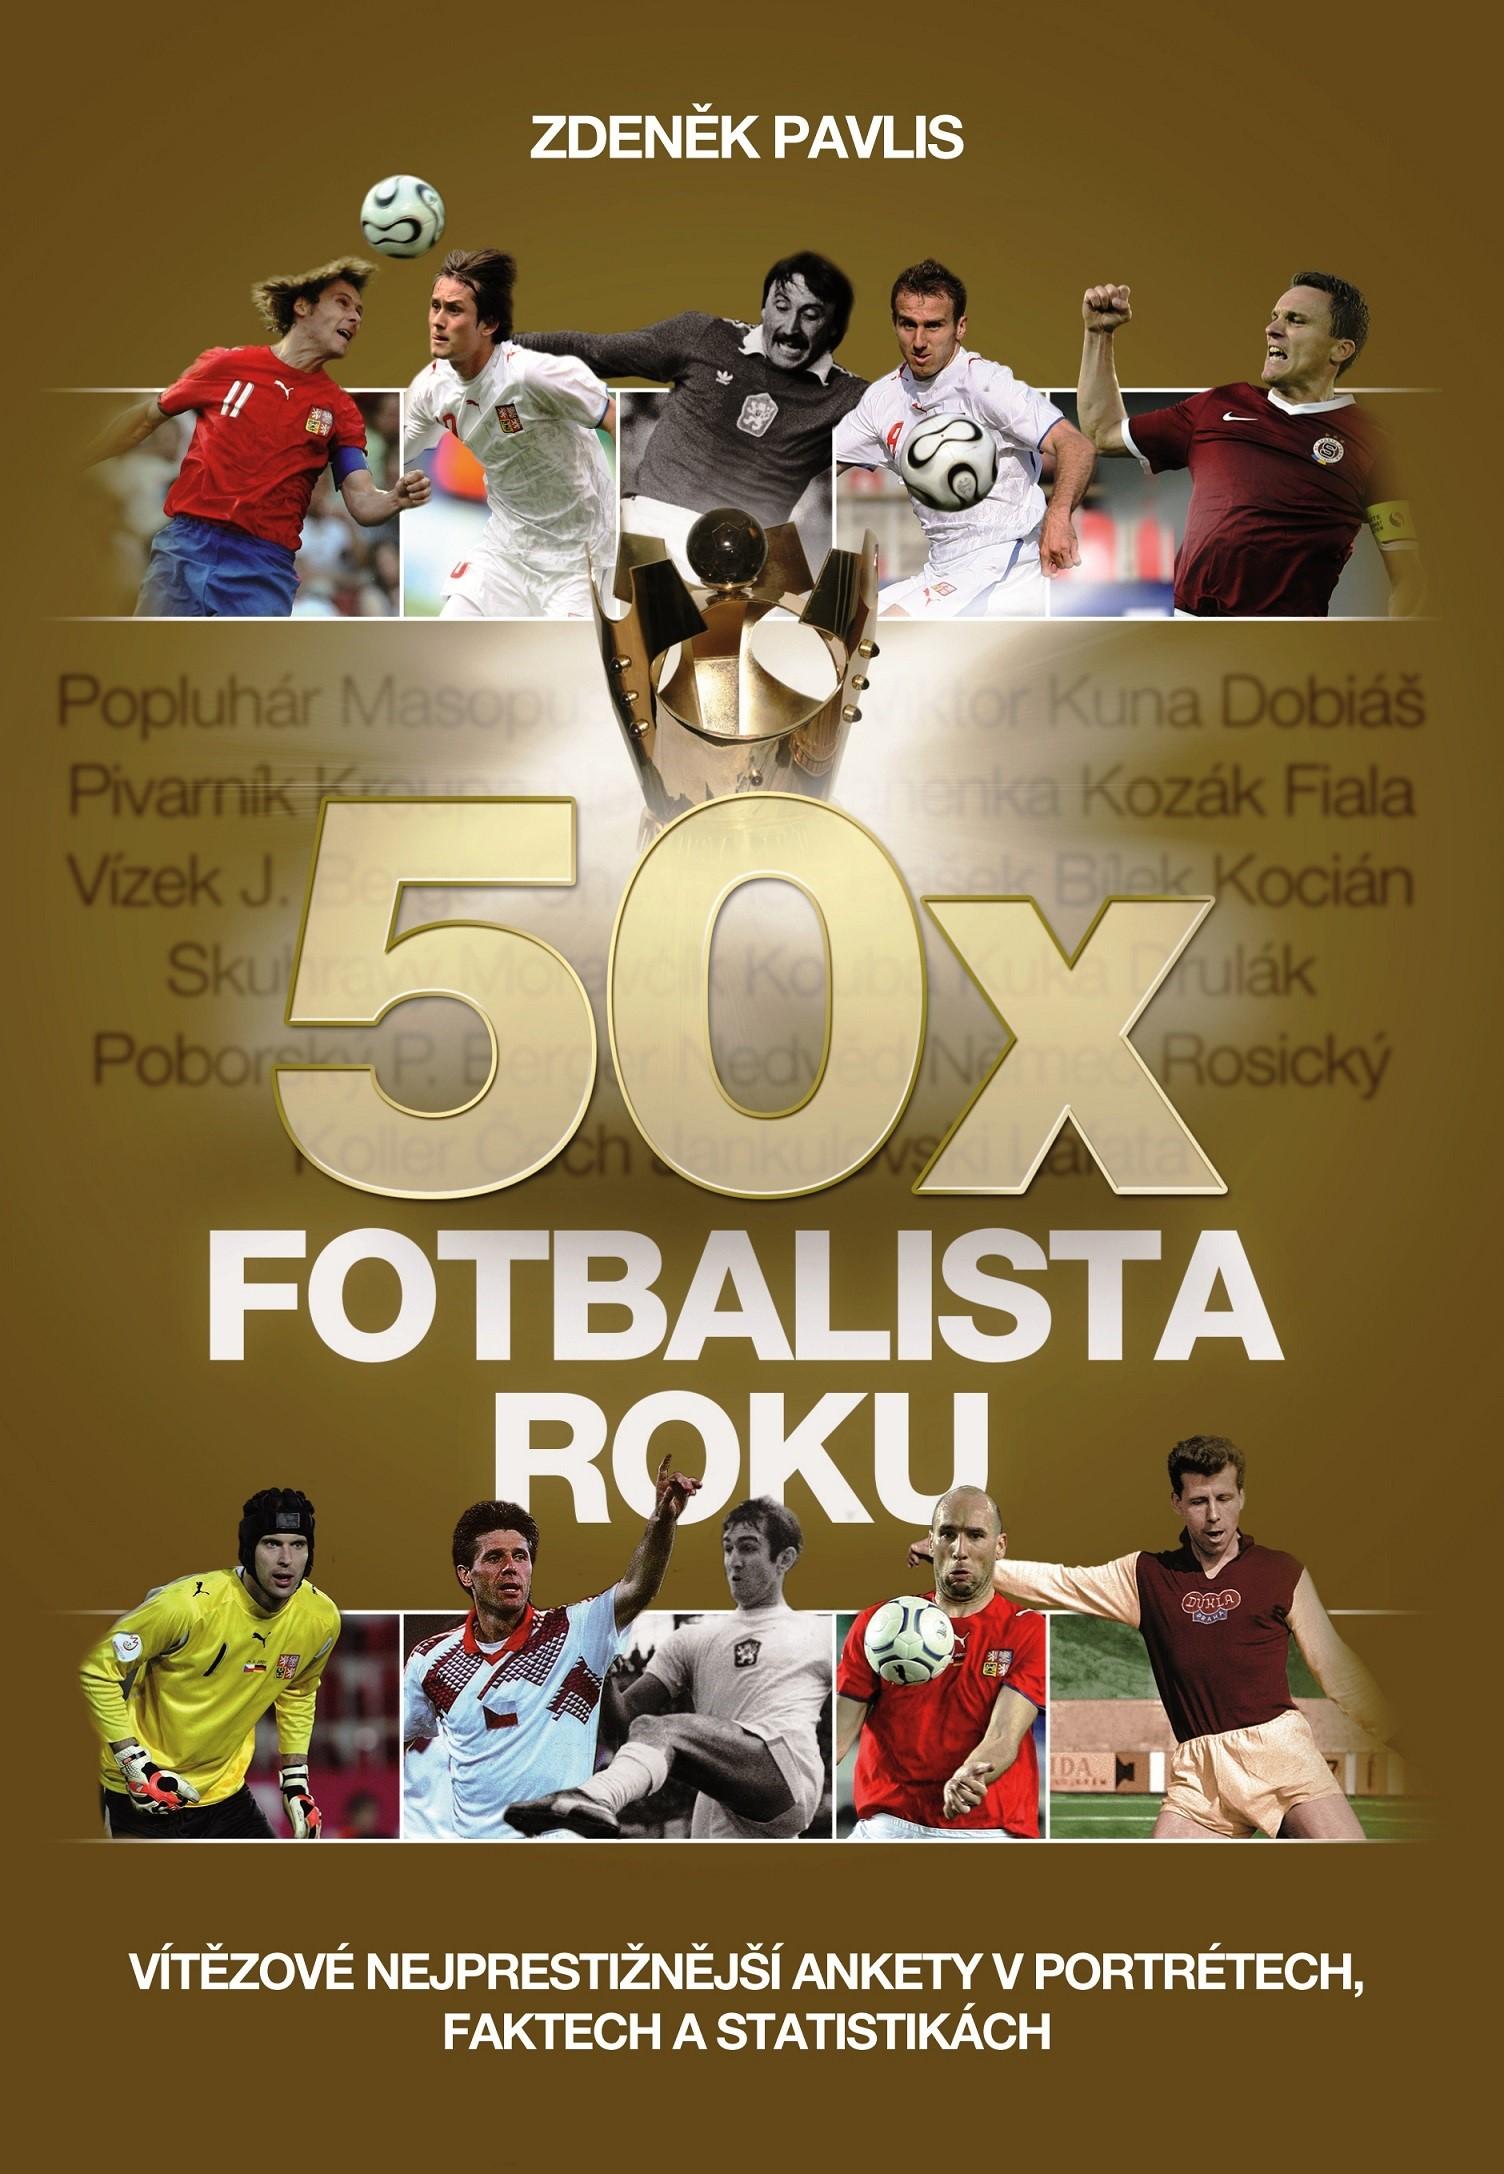 50x Fotbalista roku | Zdeněk Pavlis